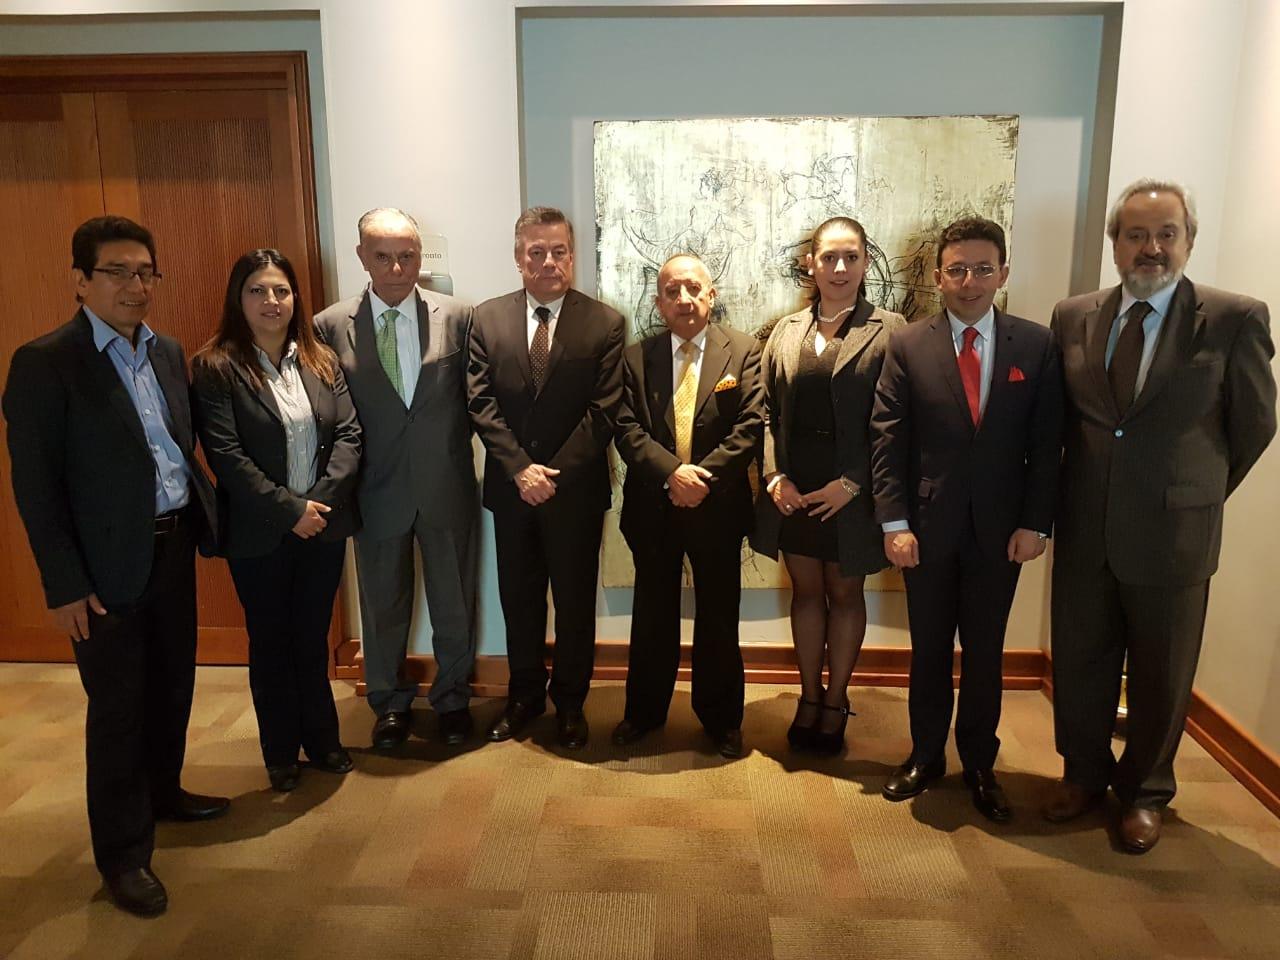 Celebramos la Instalación del Consejo Directivo Asesor de la Maestría en Ingeniería